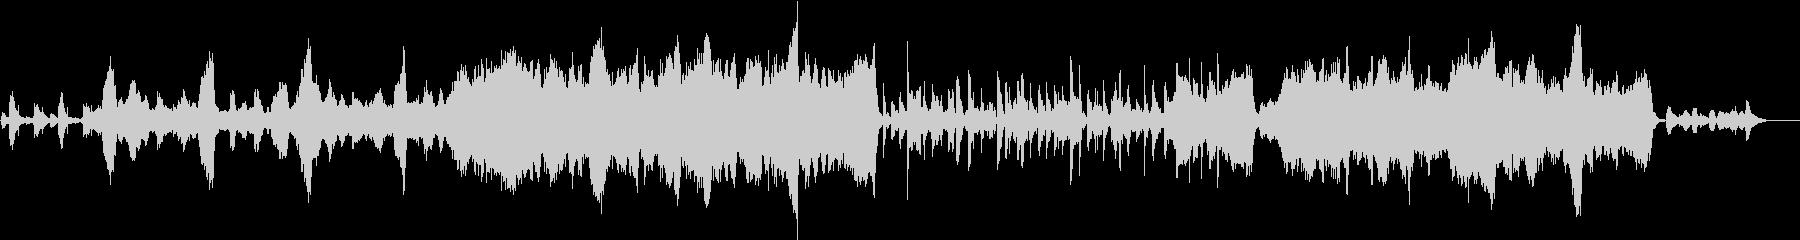 グリーンスリーブス(弦楽四重奏)の未再生の波形